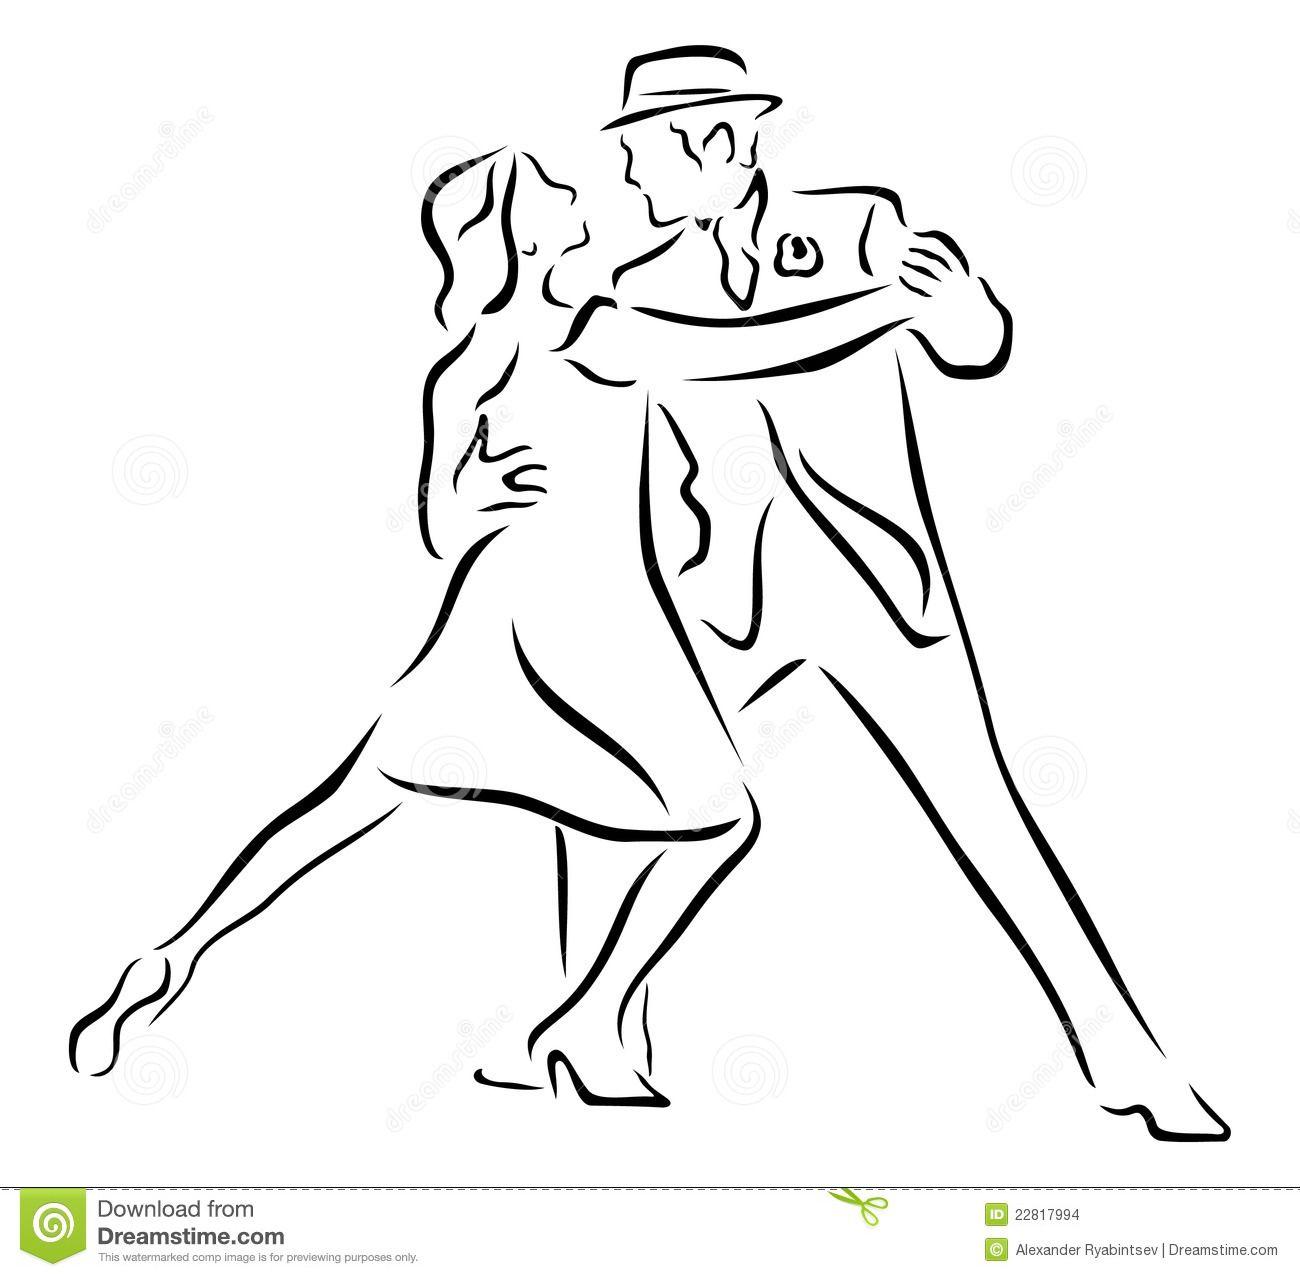 Resultado de imagen para siluetas de tango | ma | Pinterest | Tango ...